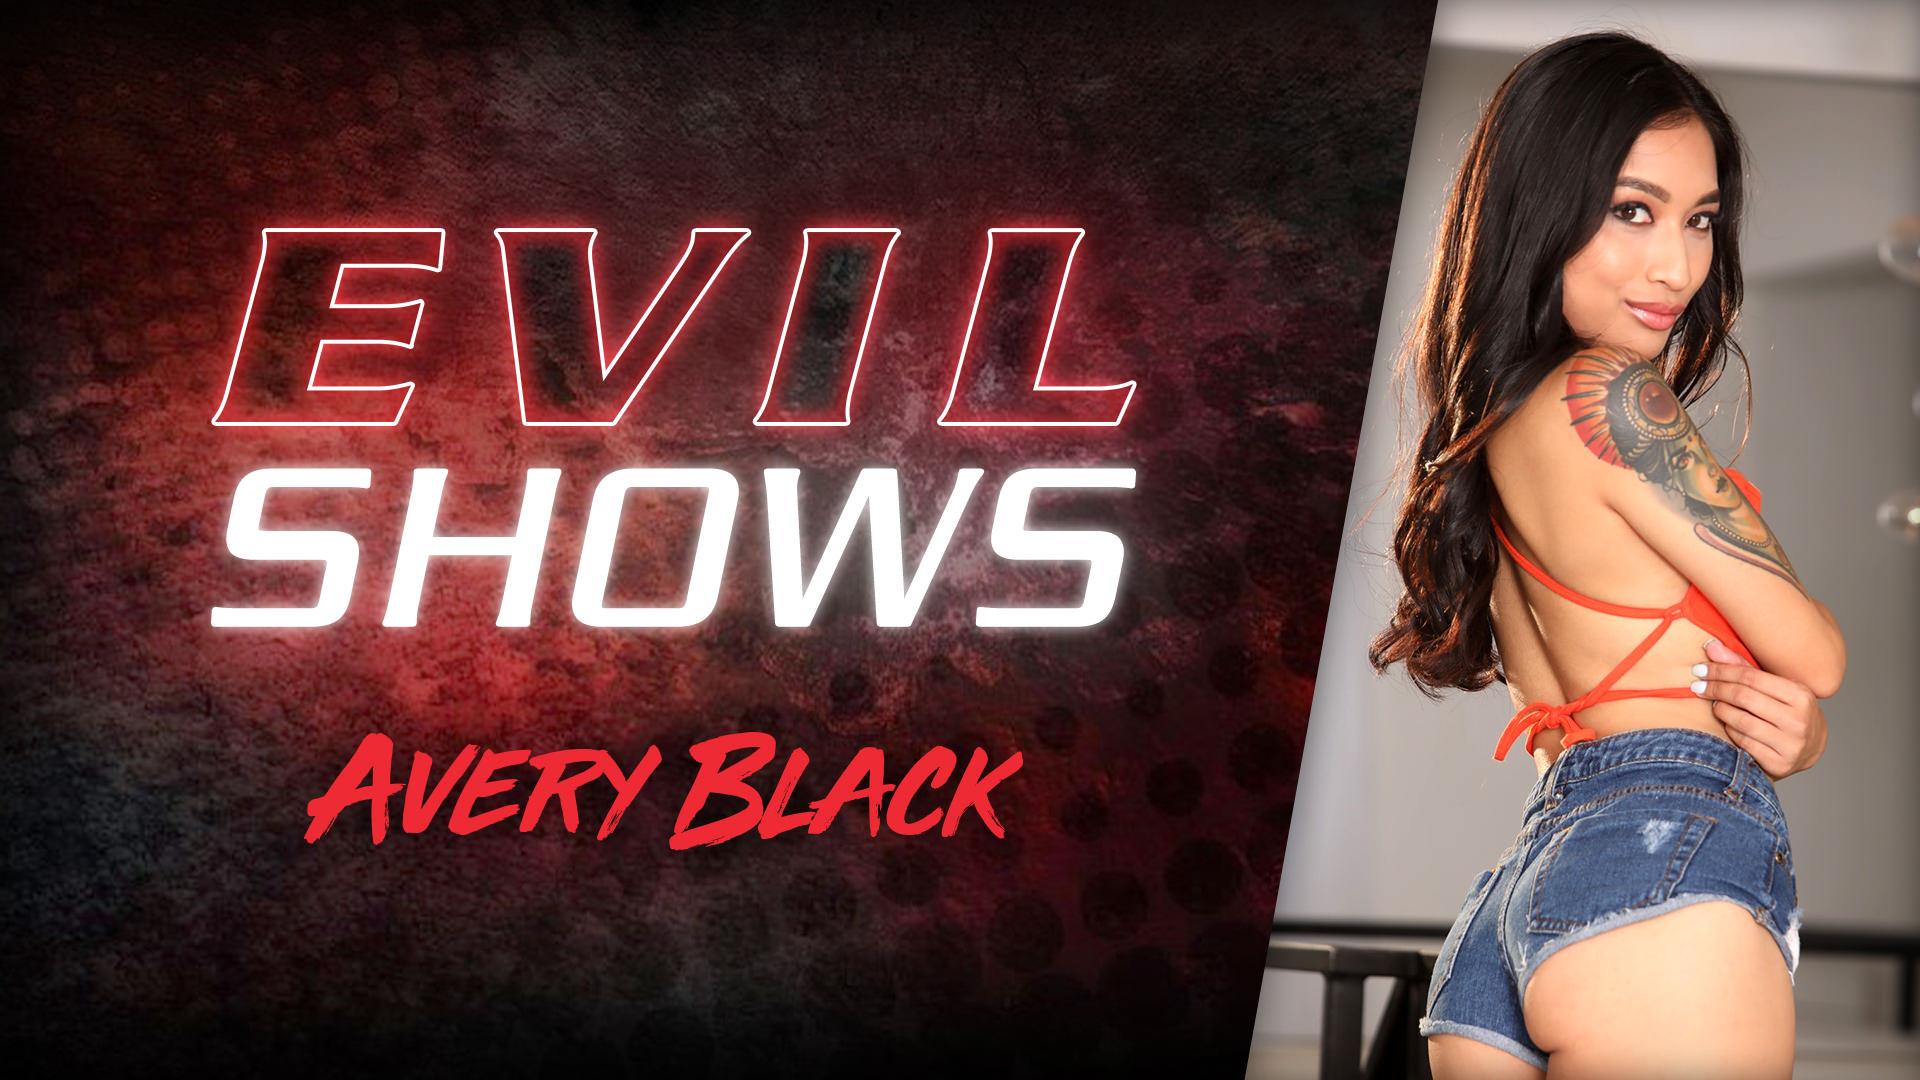 Evil Shows - Avery Black Scena 1